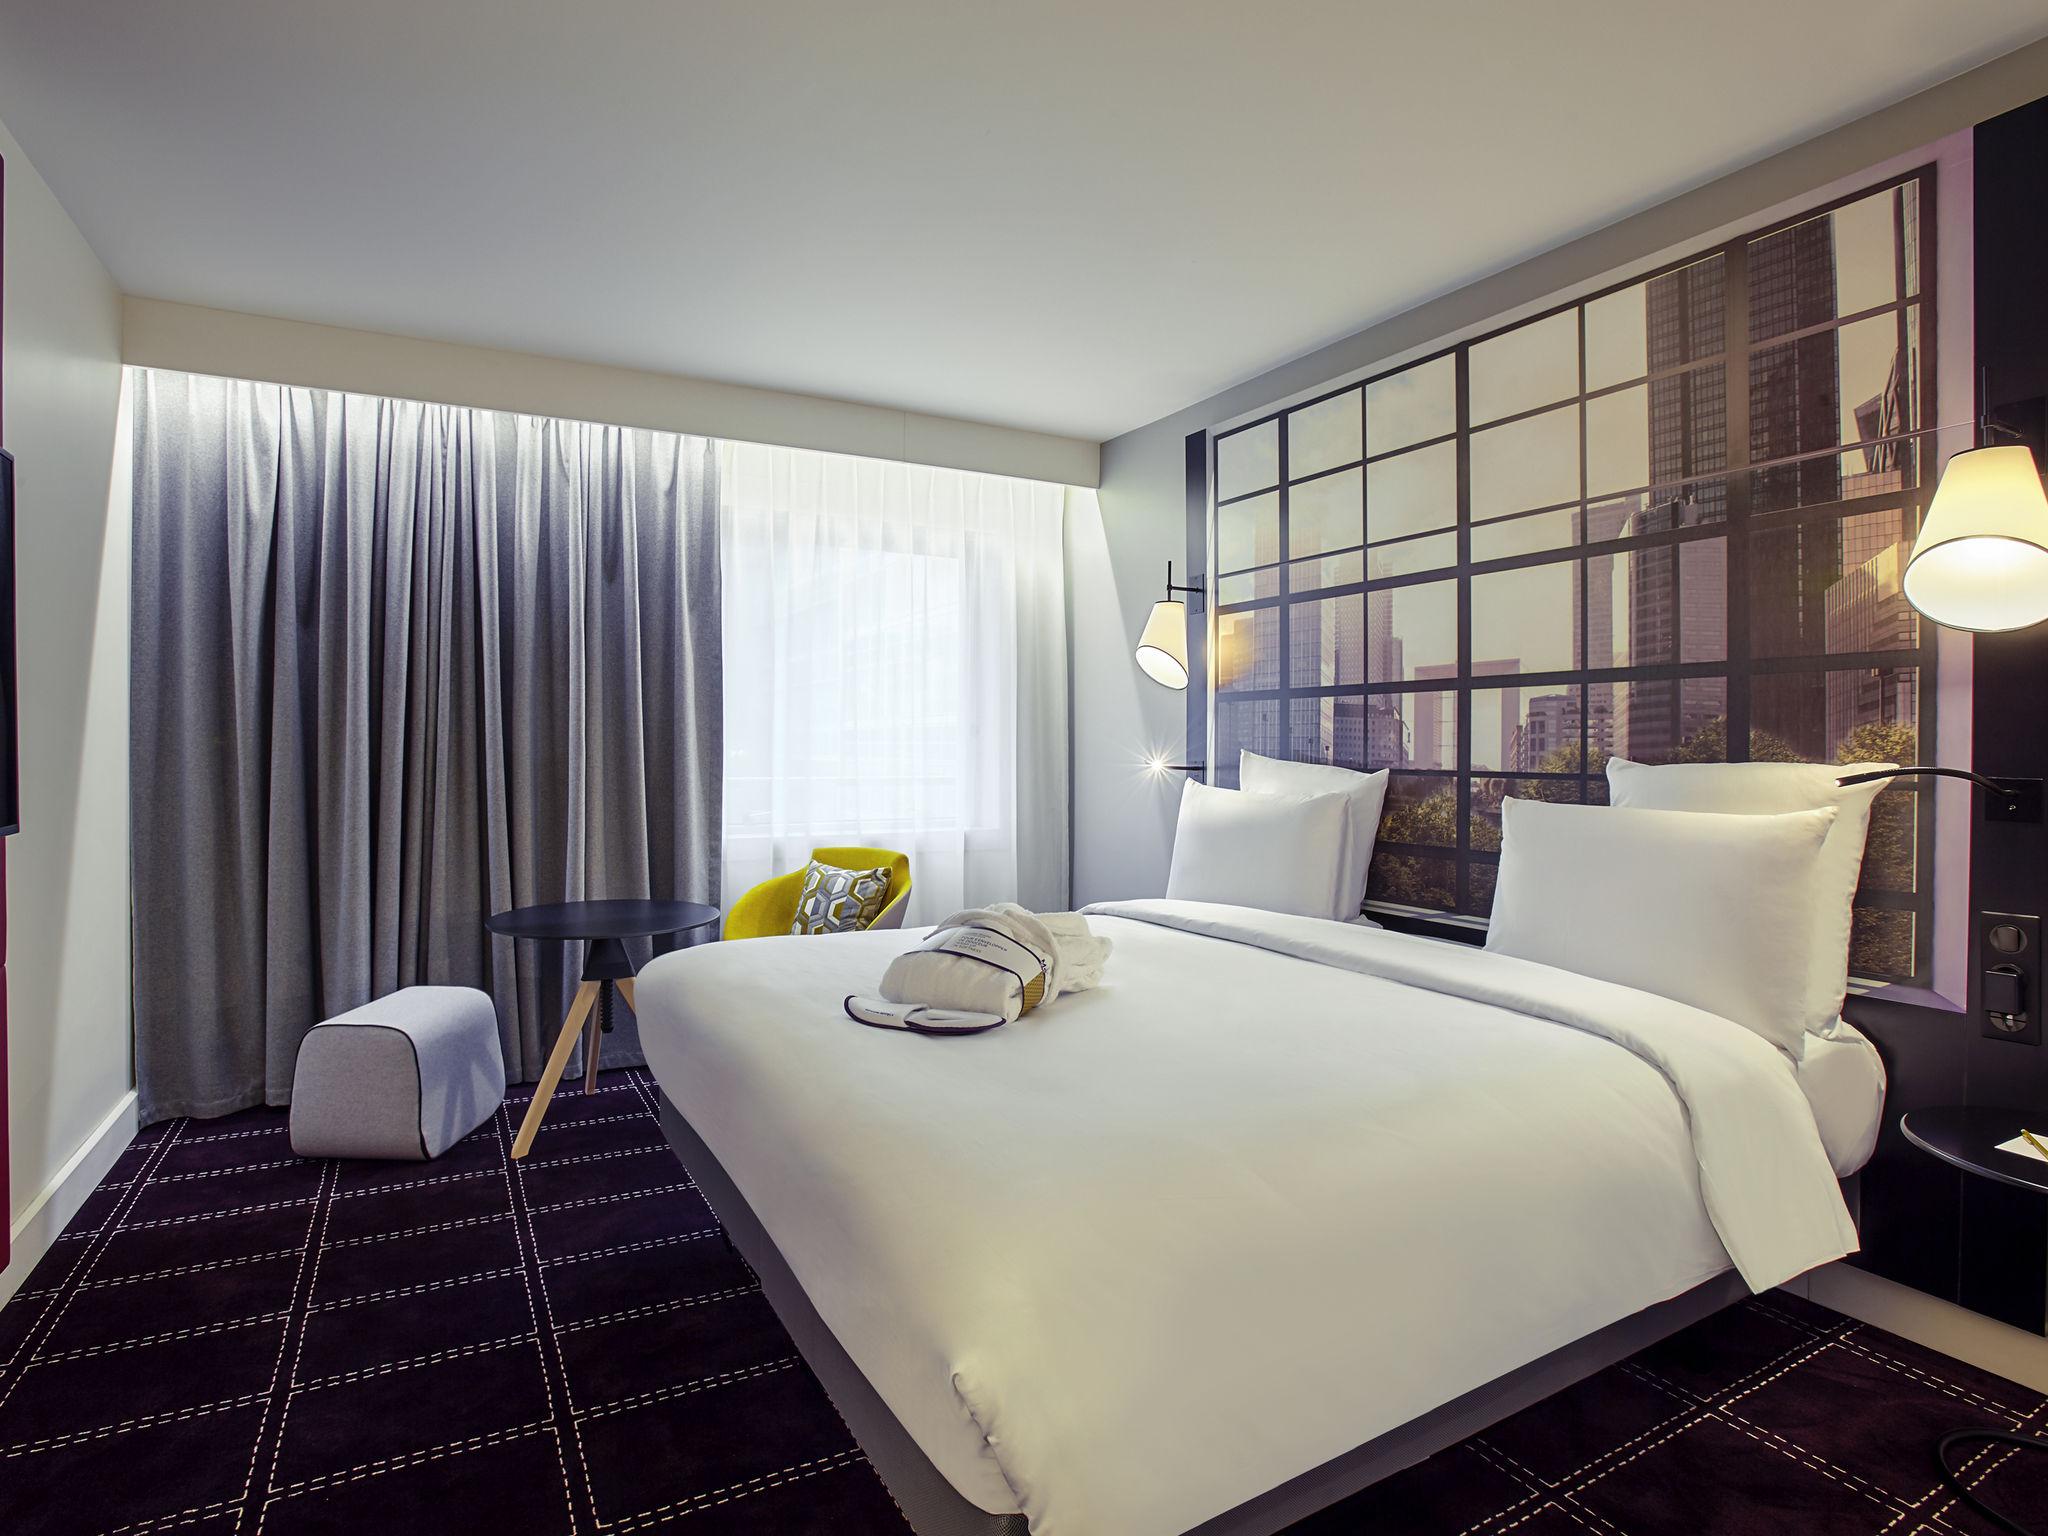 ホテル – オテル&レジダンスメルキュールパリラデファンスグランアルシェ